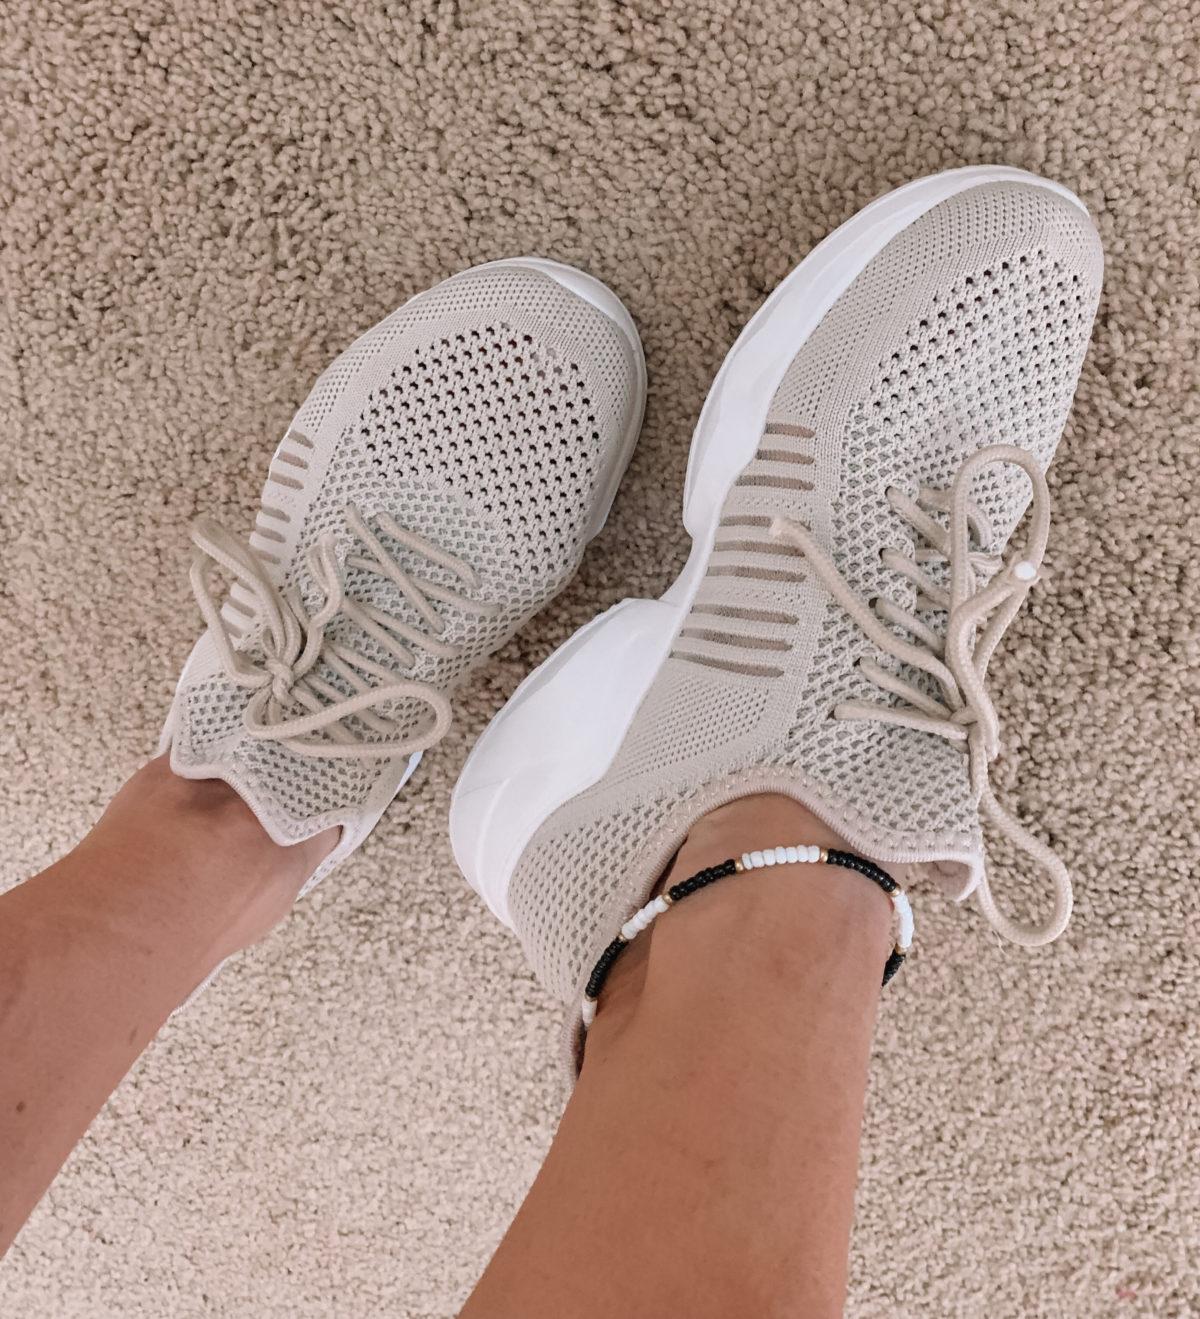 Slip on Sneakers Amazon Fashion